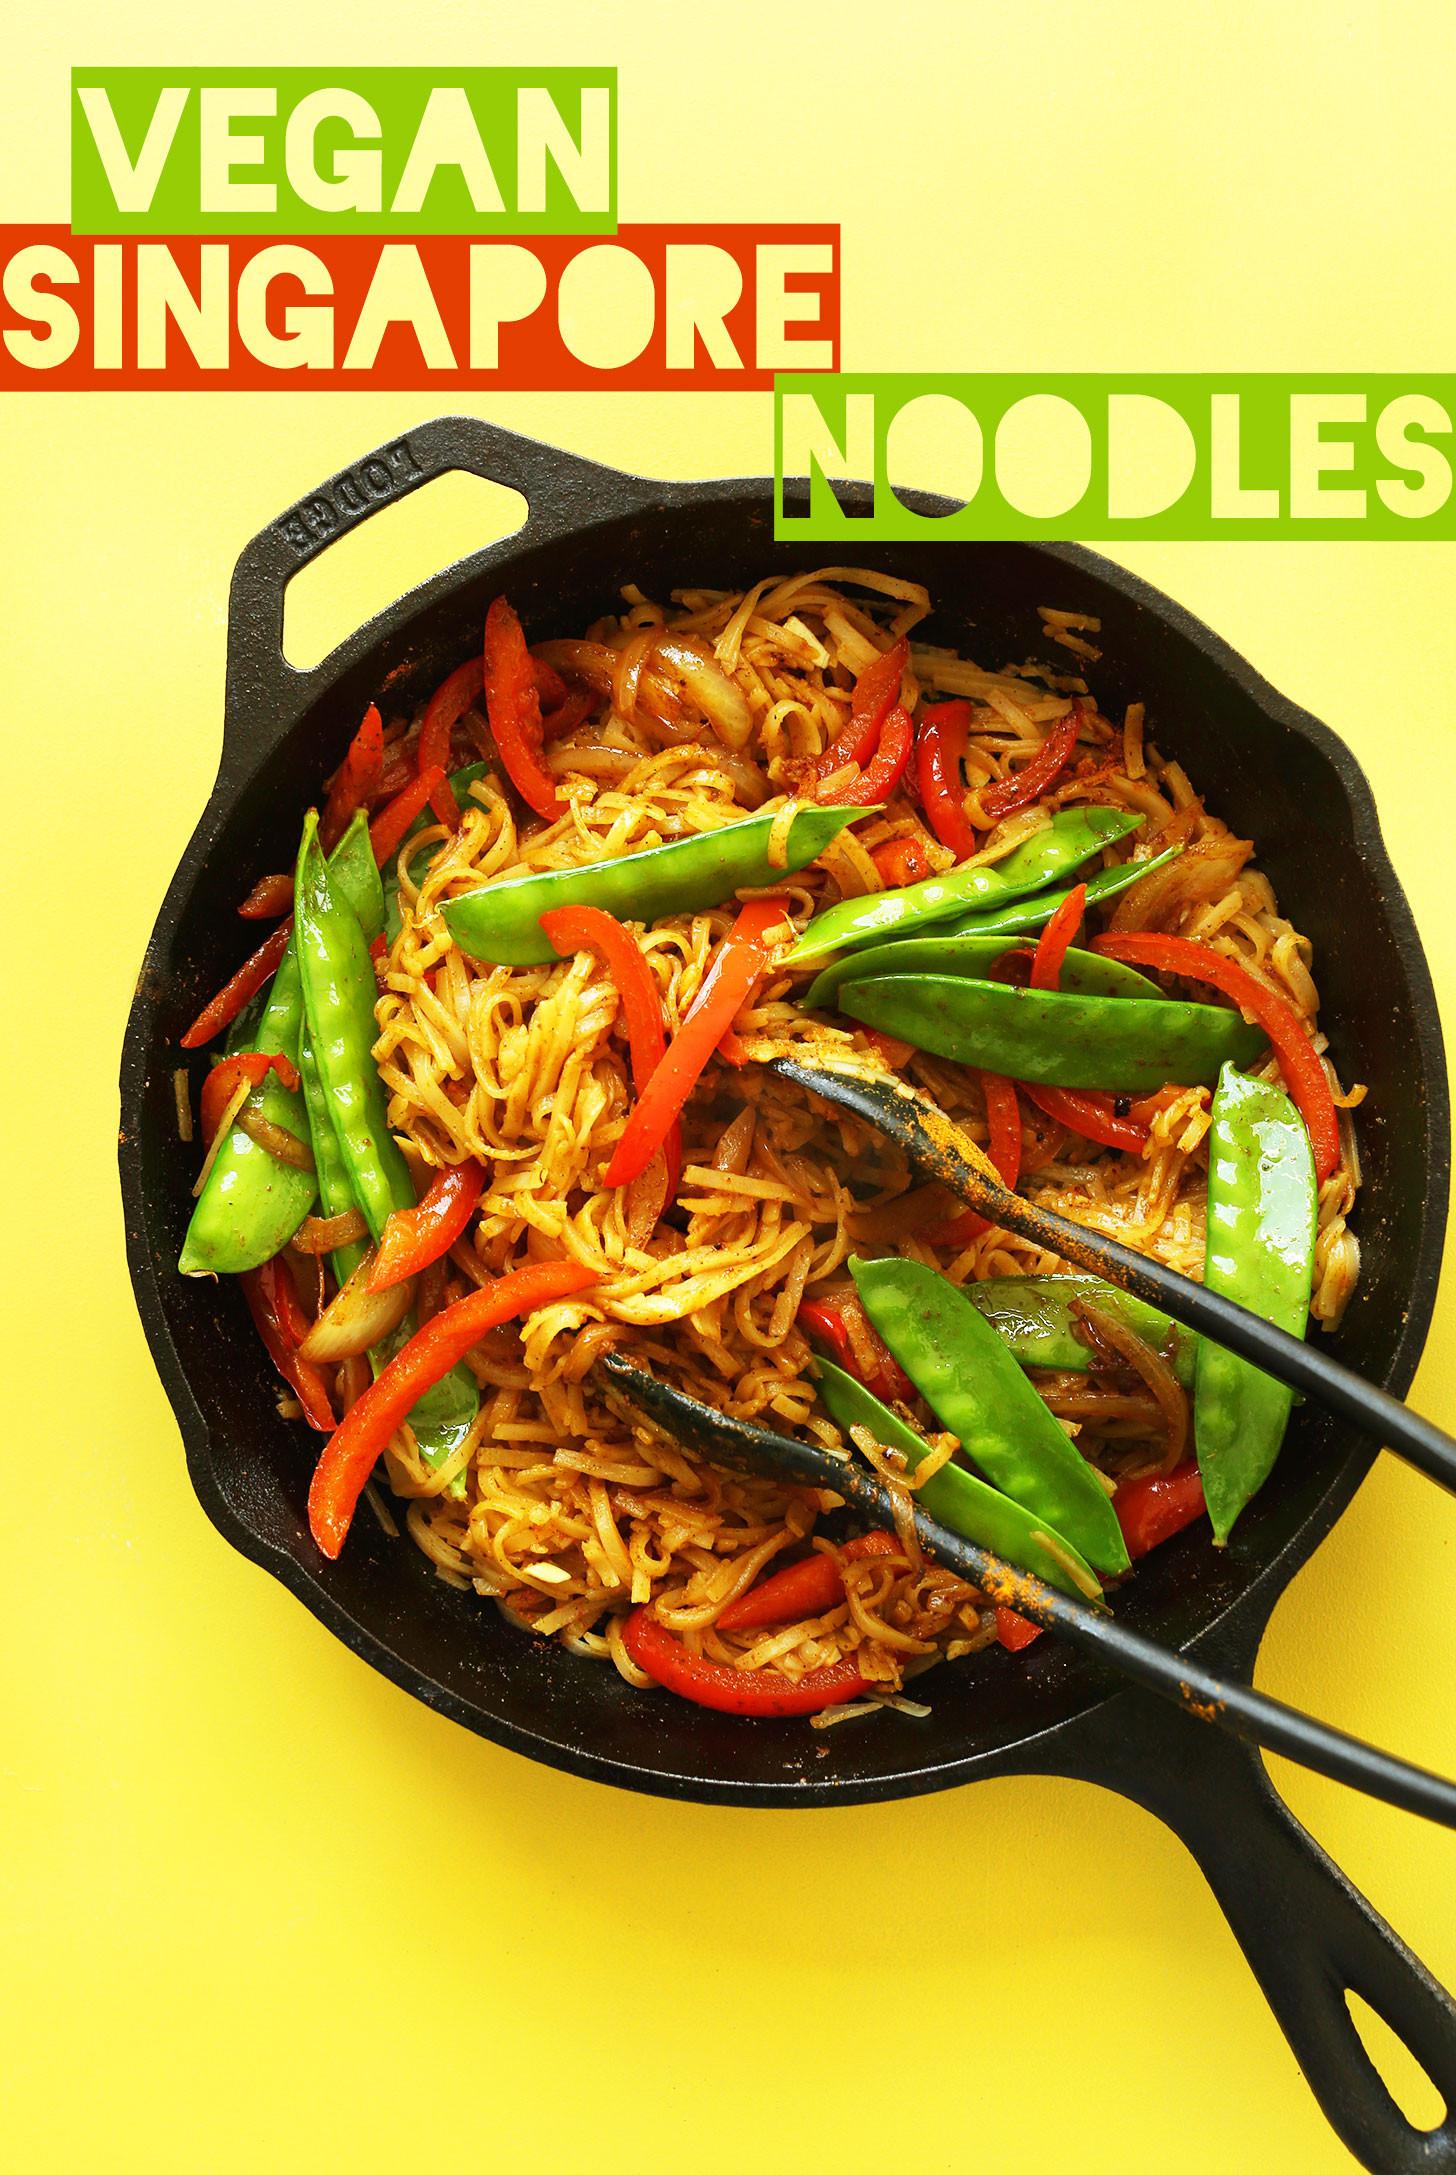 Vegan Rice Noodle Recipes  AMAZING Vegan Singapore Noodles 10 ingre nts simple